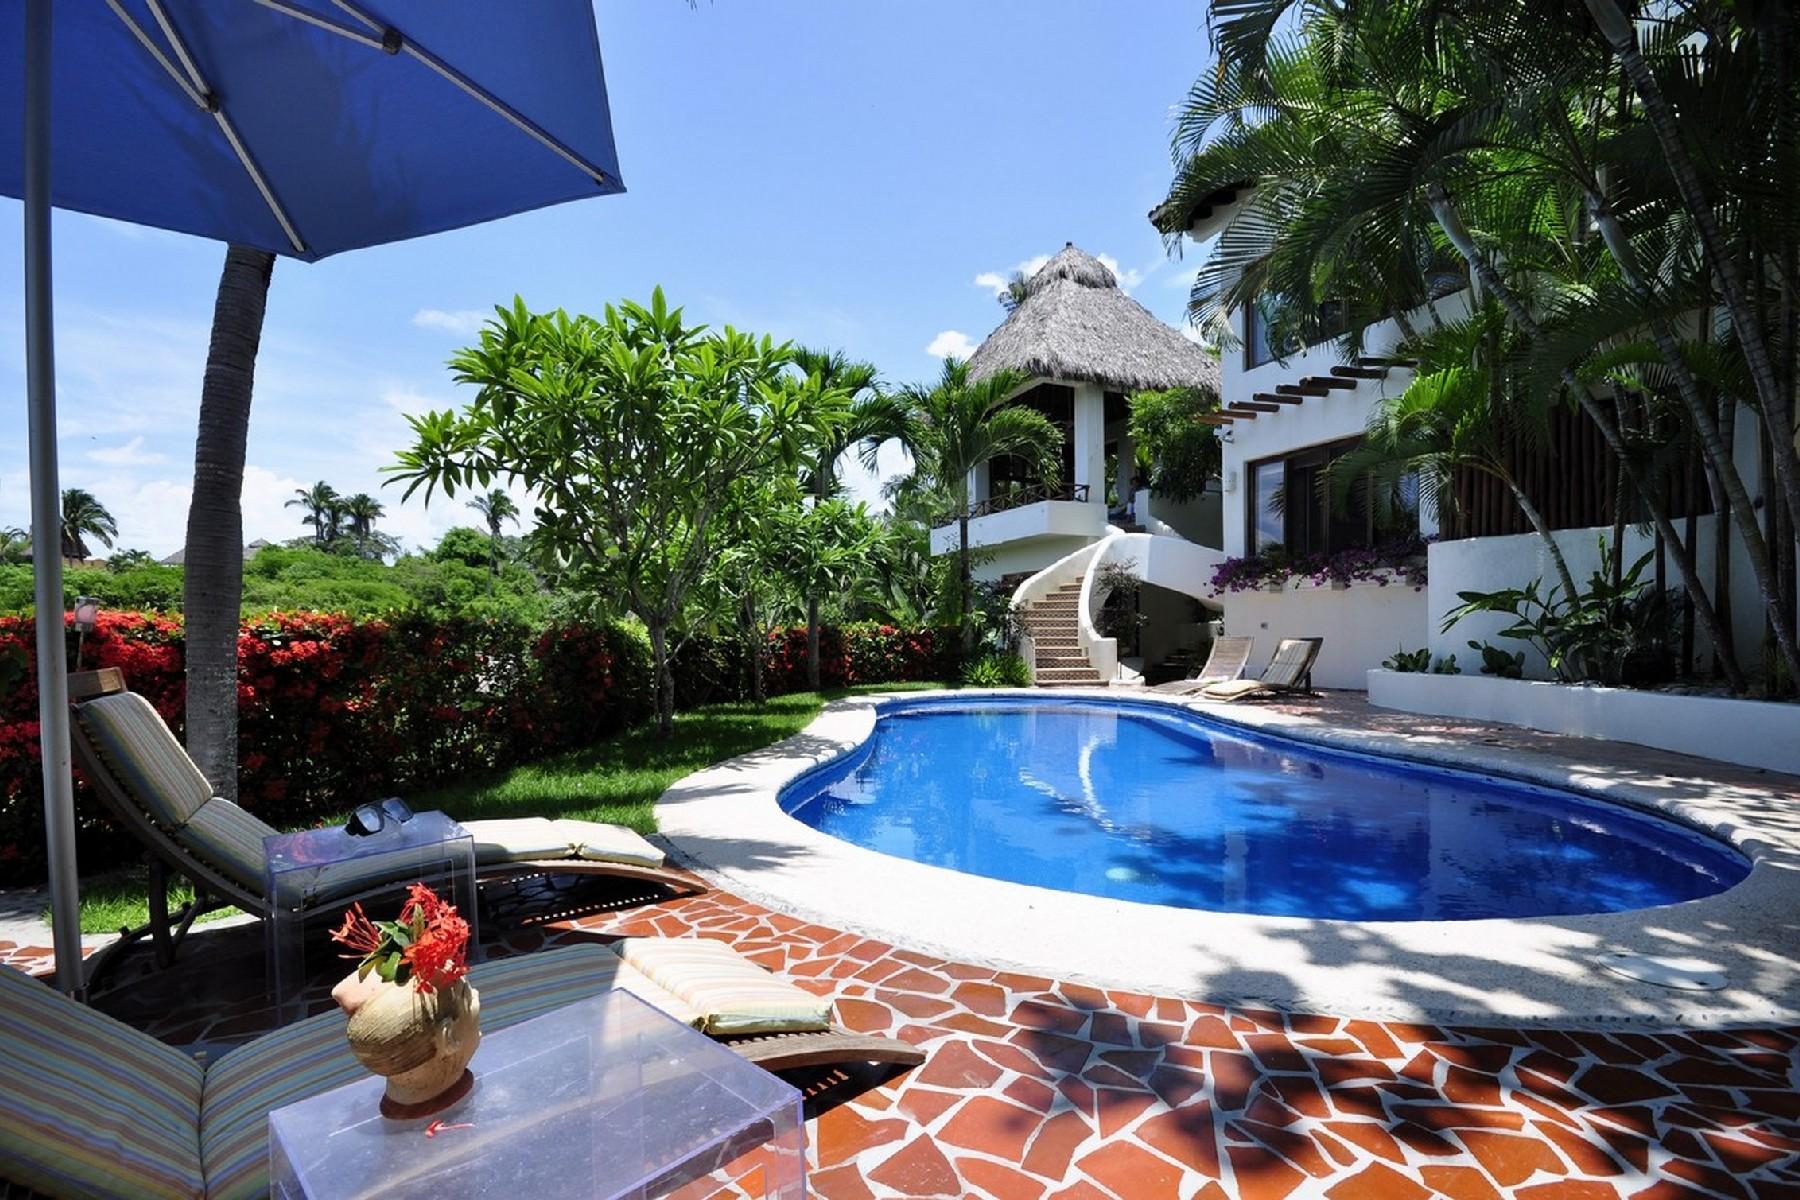 Casa Unifamiliar por un Venta en Casa Flores, Sayulita, Puerto Vallarta Calle Libertad 50 Sayulita, Nayarit 63734 México